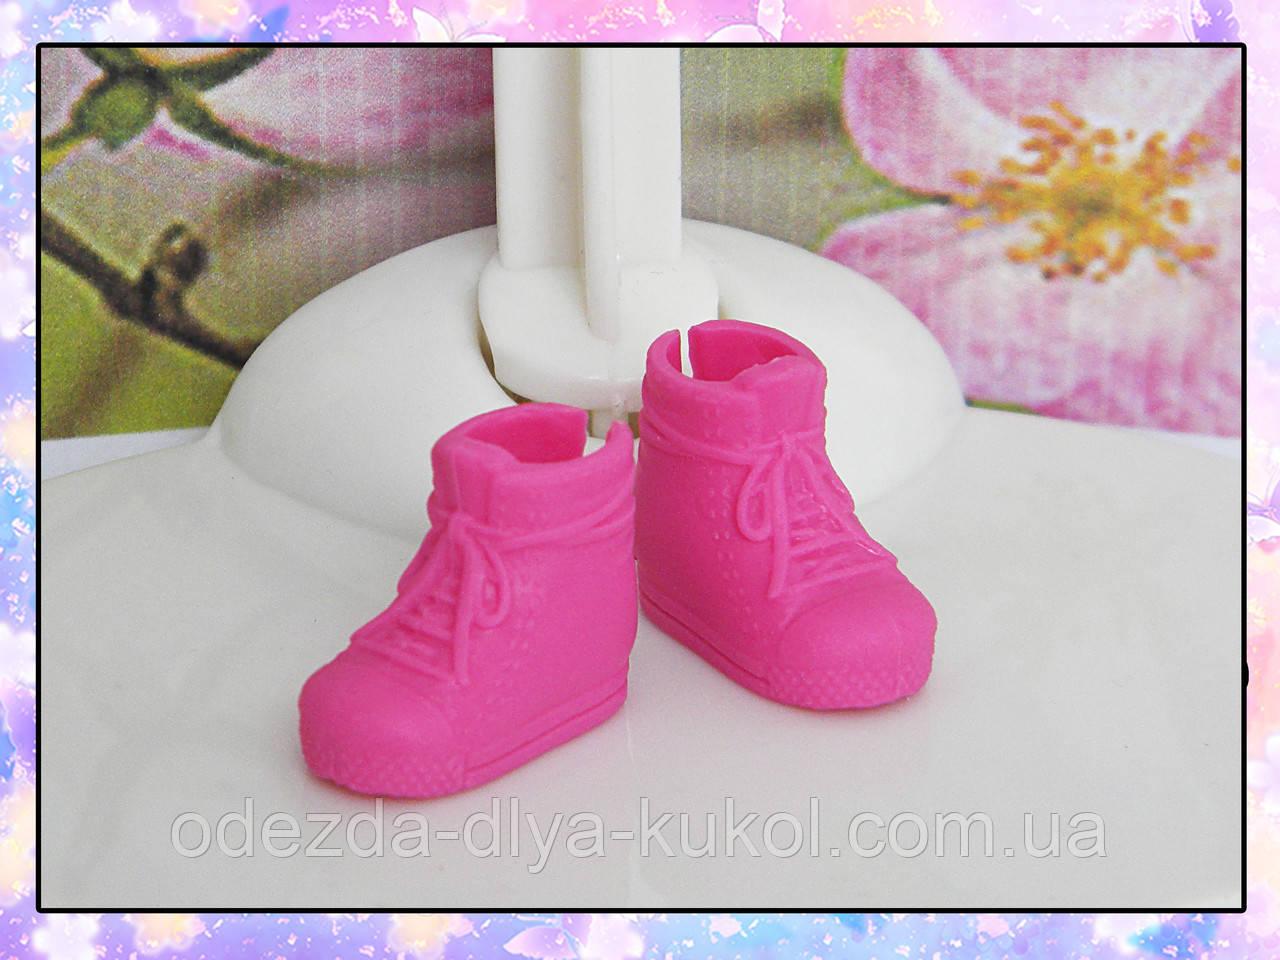 Обувь для кукол Челси и Келли